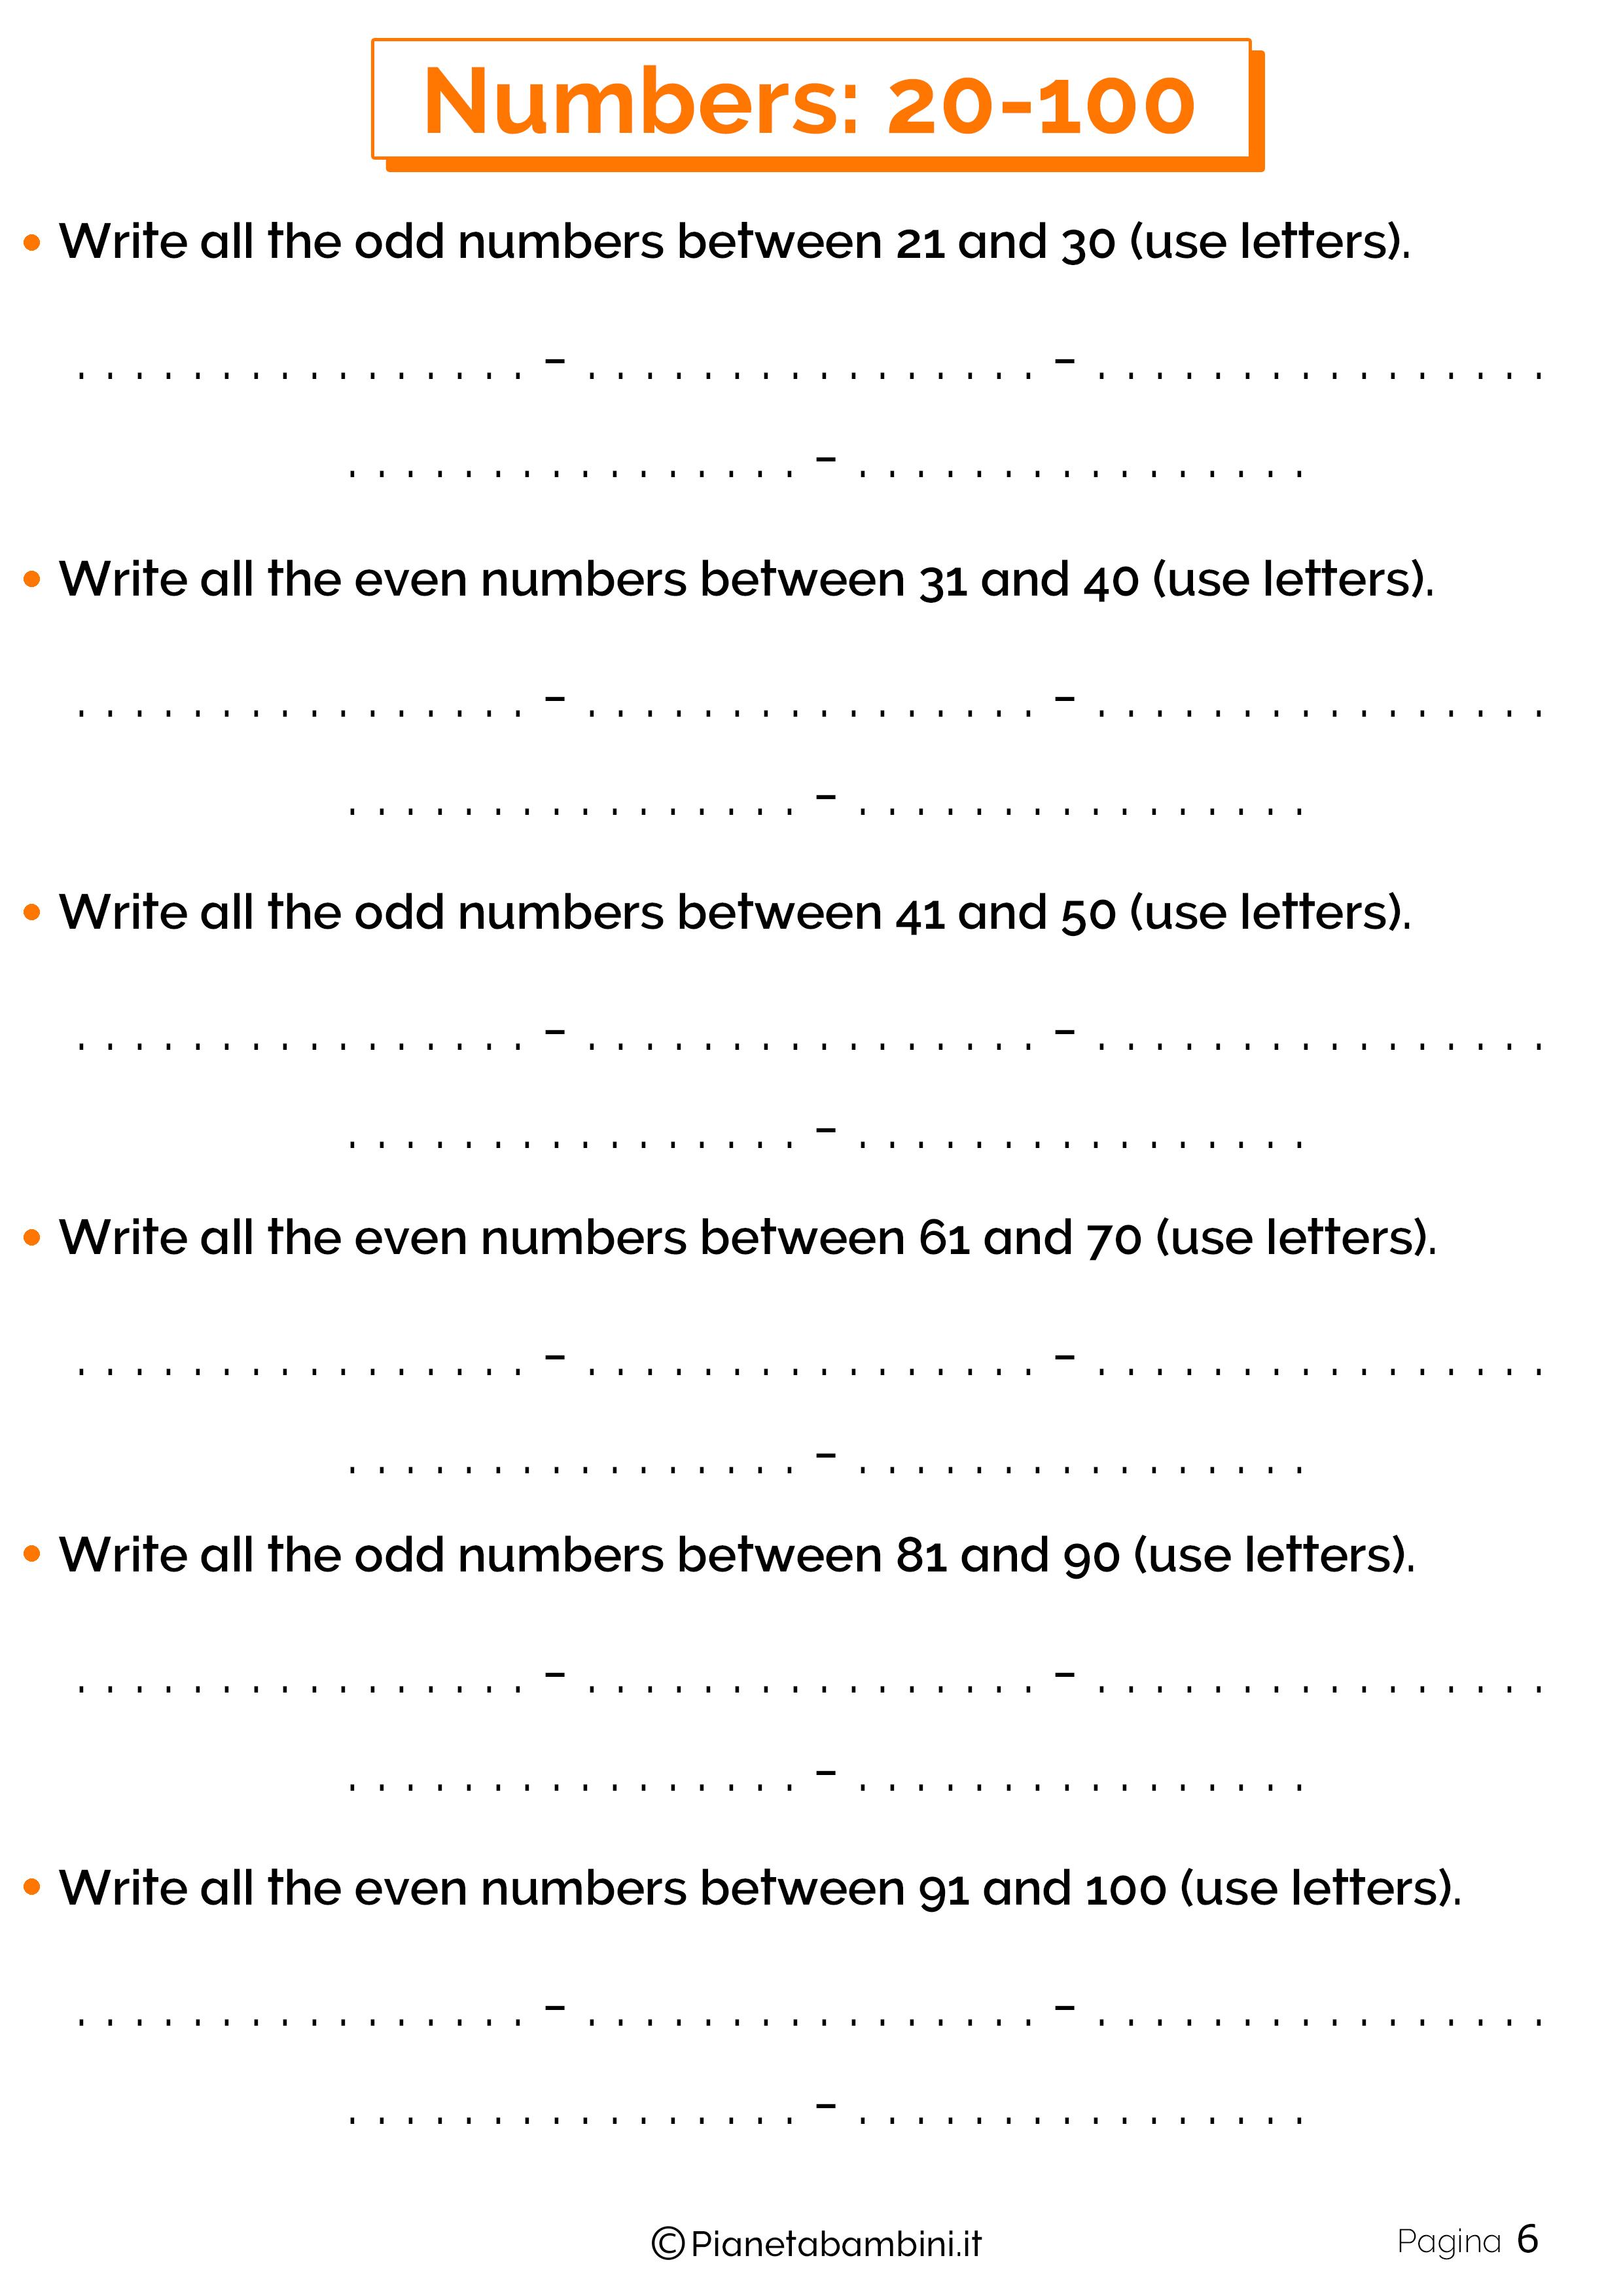 Esercizi sui numeri in inglese da 20 a 100 6